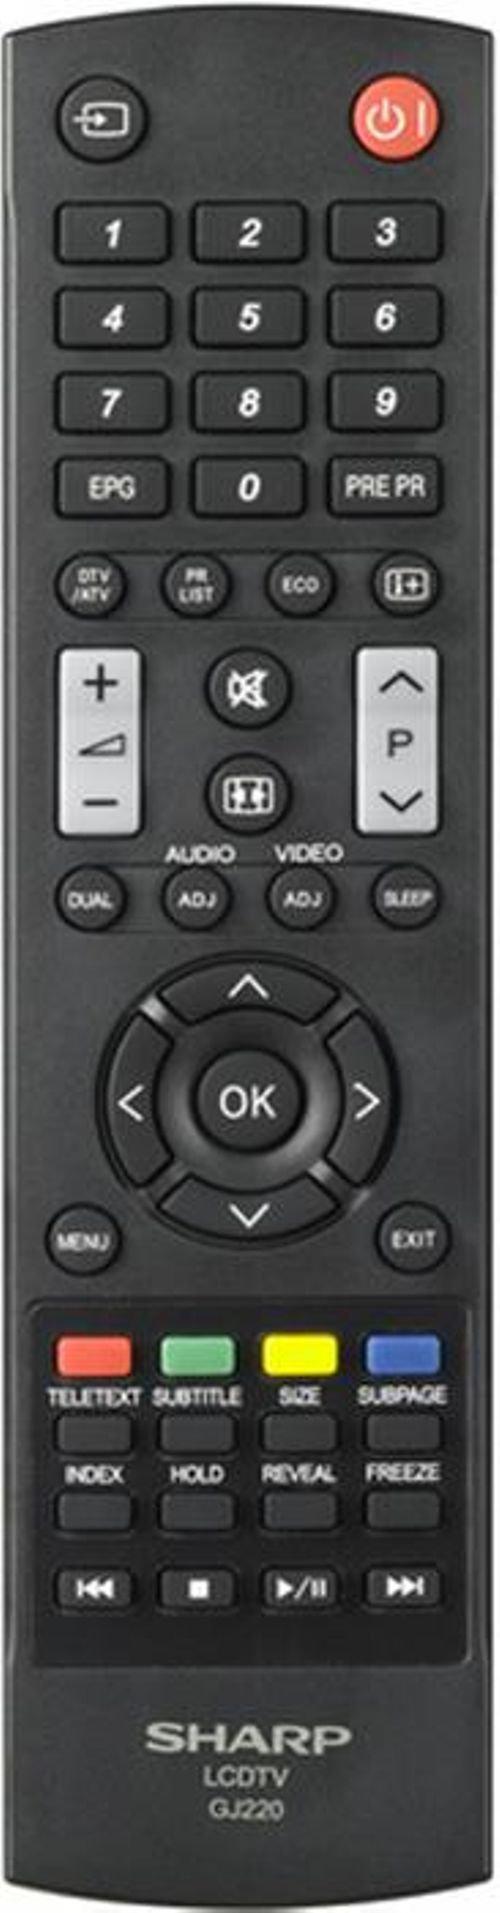 جهاز تحكم شاشة Led شارب 50 انش اسود ld264e